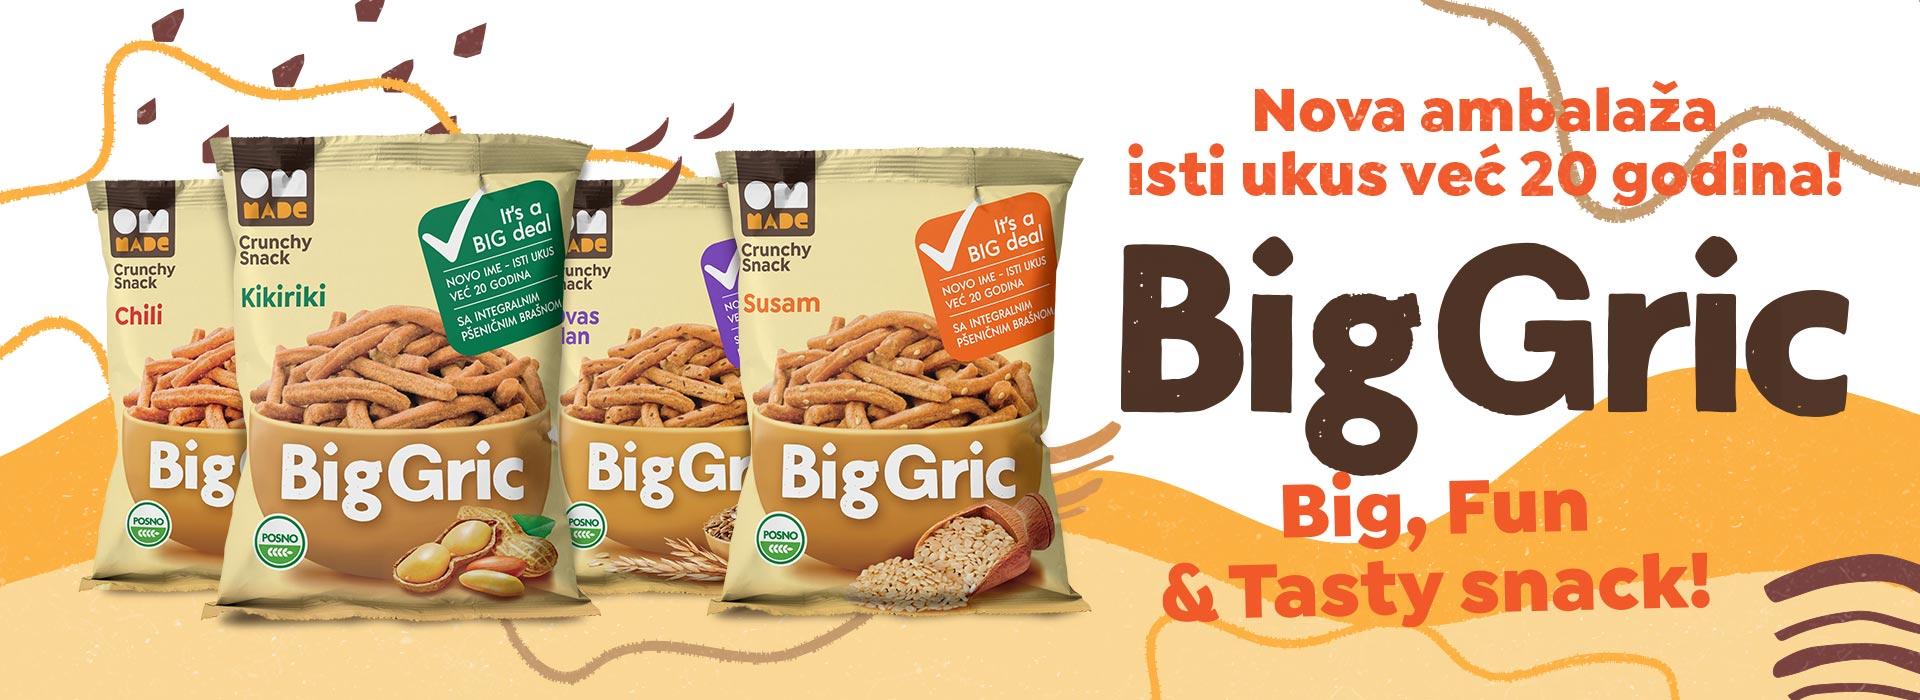 Big gric - naslovna